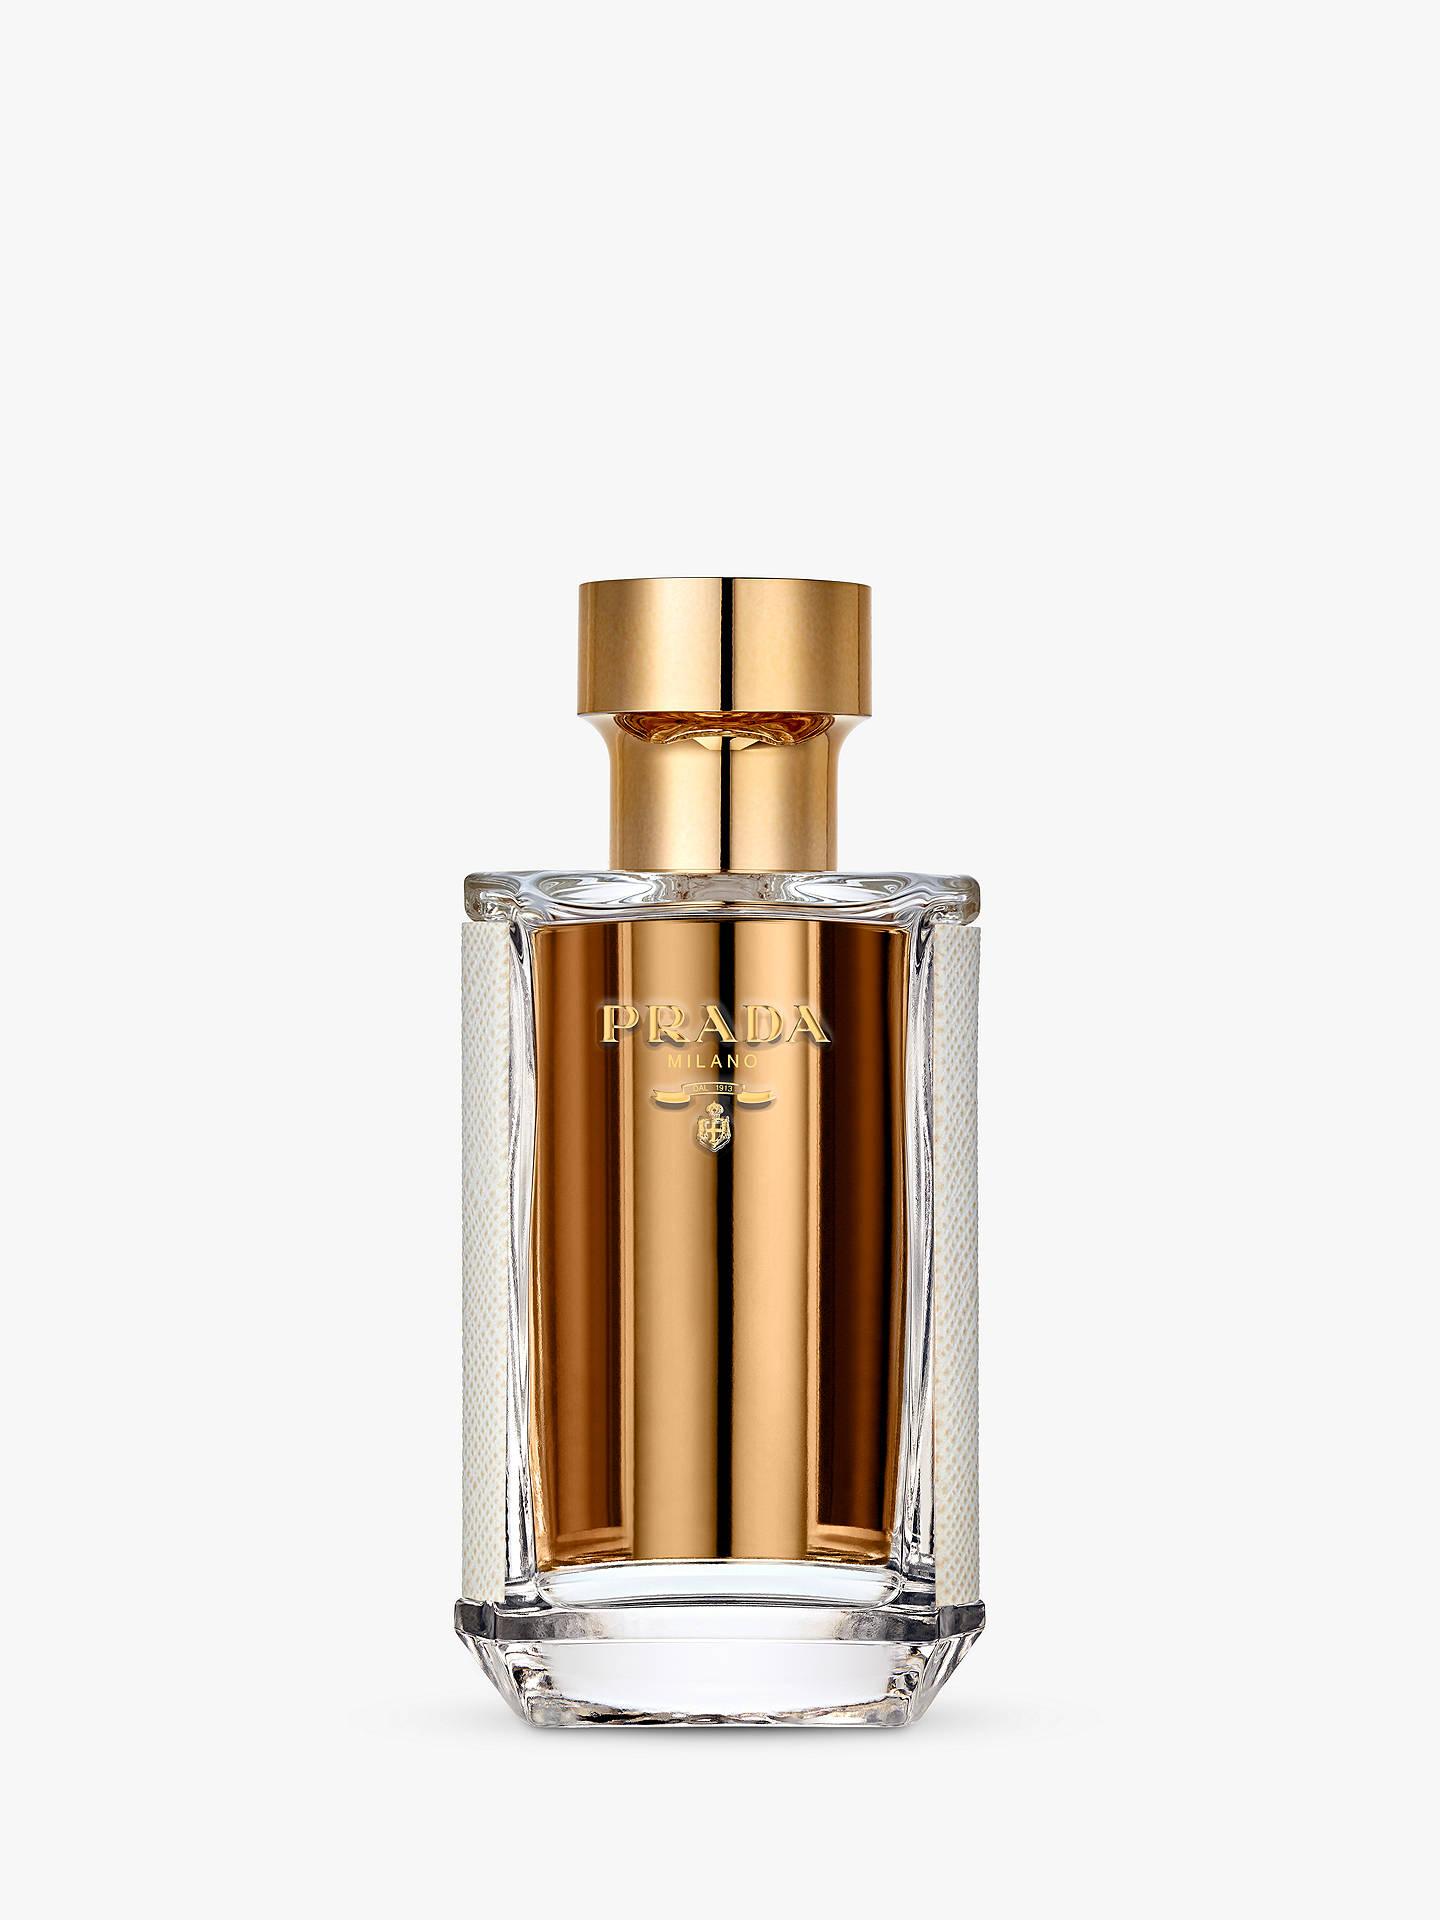 Prada La Femme Eau De Parfum At John Lewis Partners